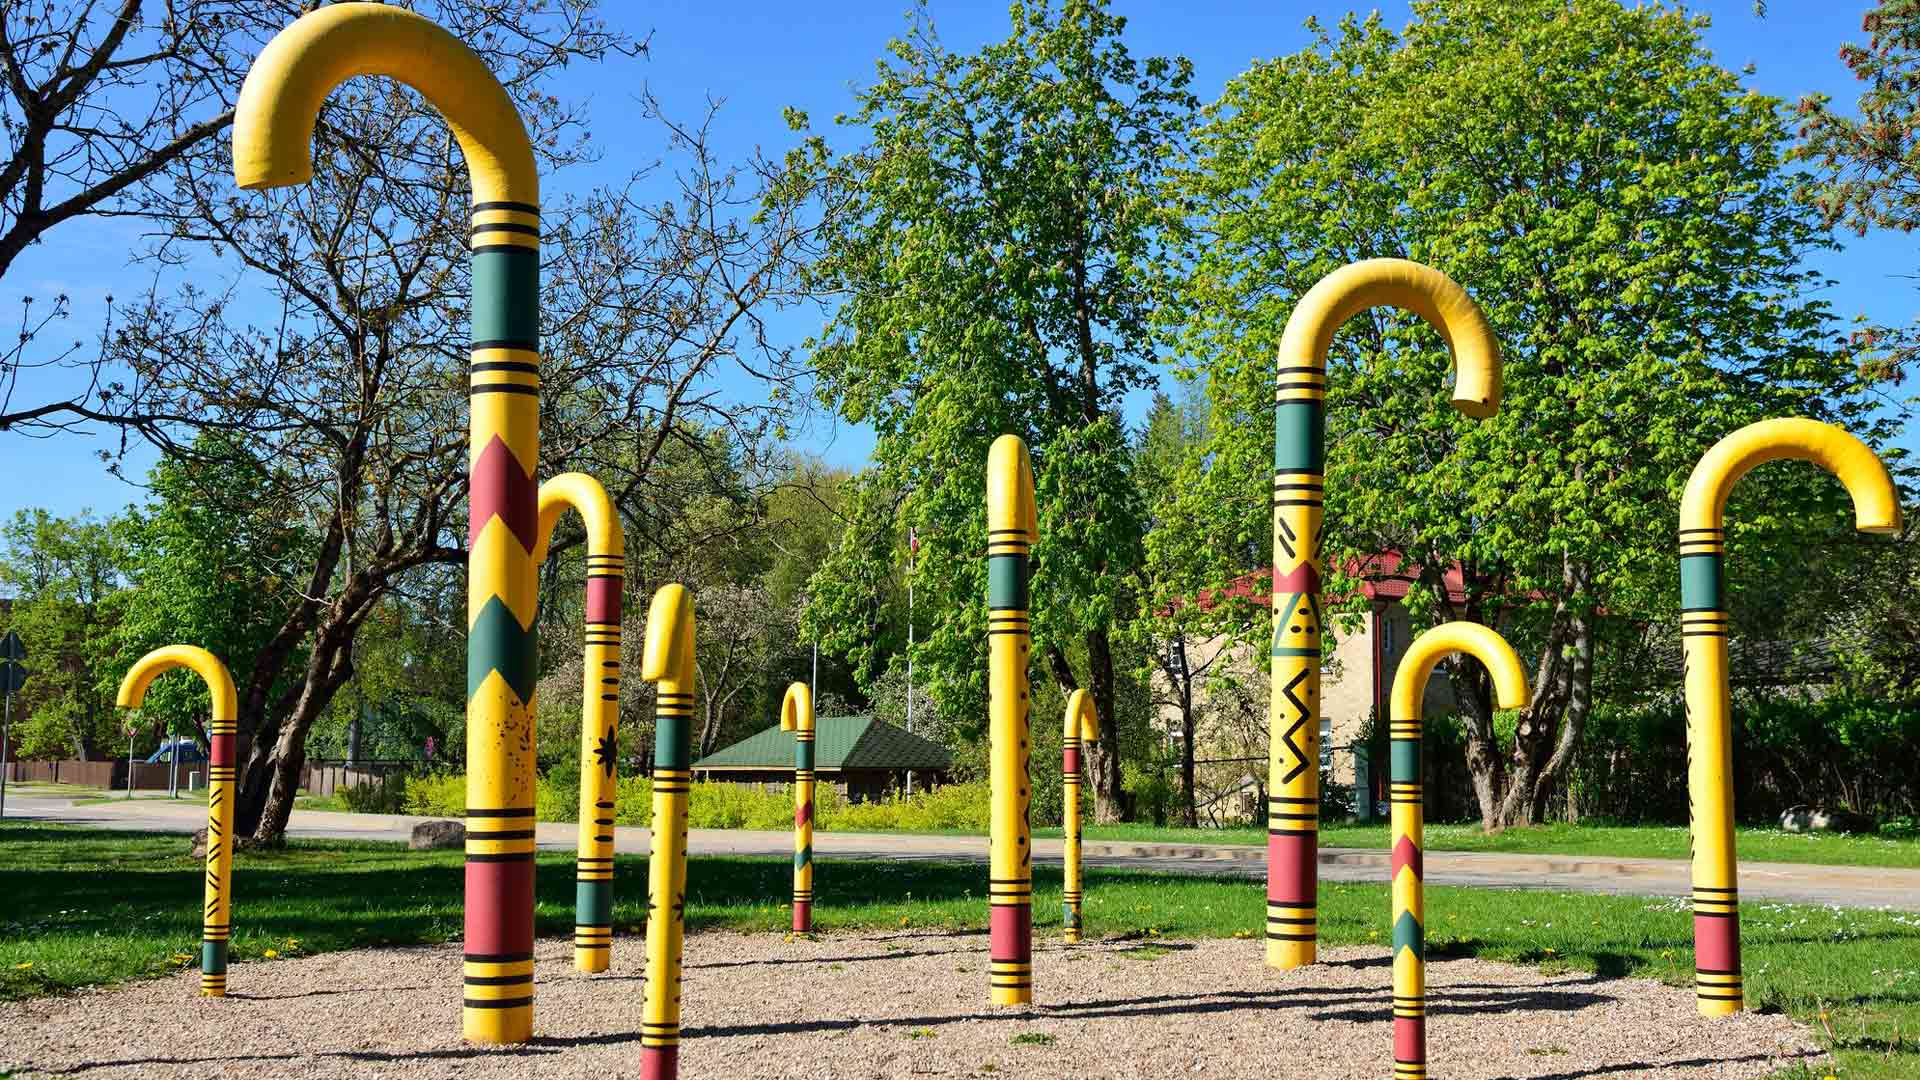 Siguldan puistoissa on taideteoksia ja paljon pysähtymisen arvoisia taukopaikkoja.